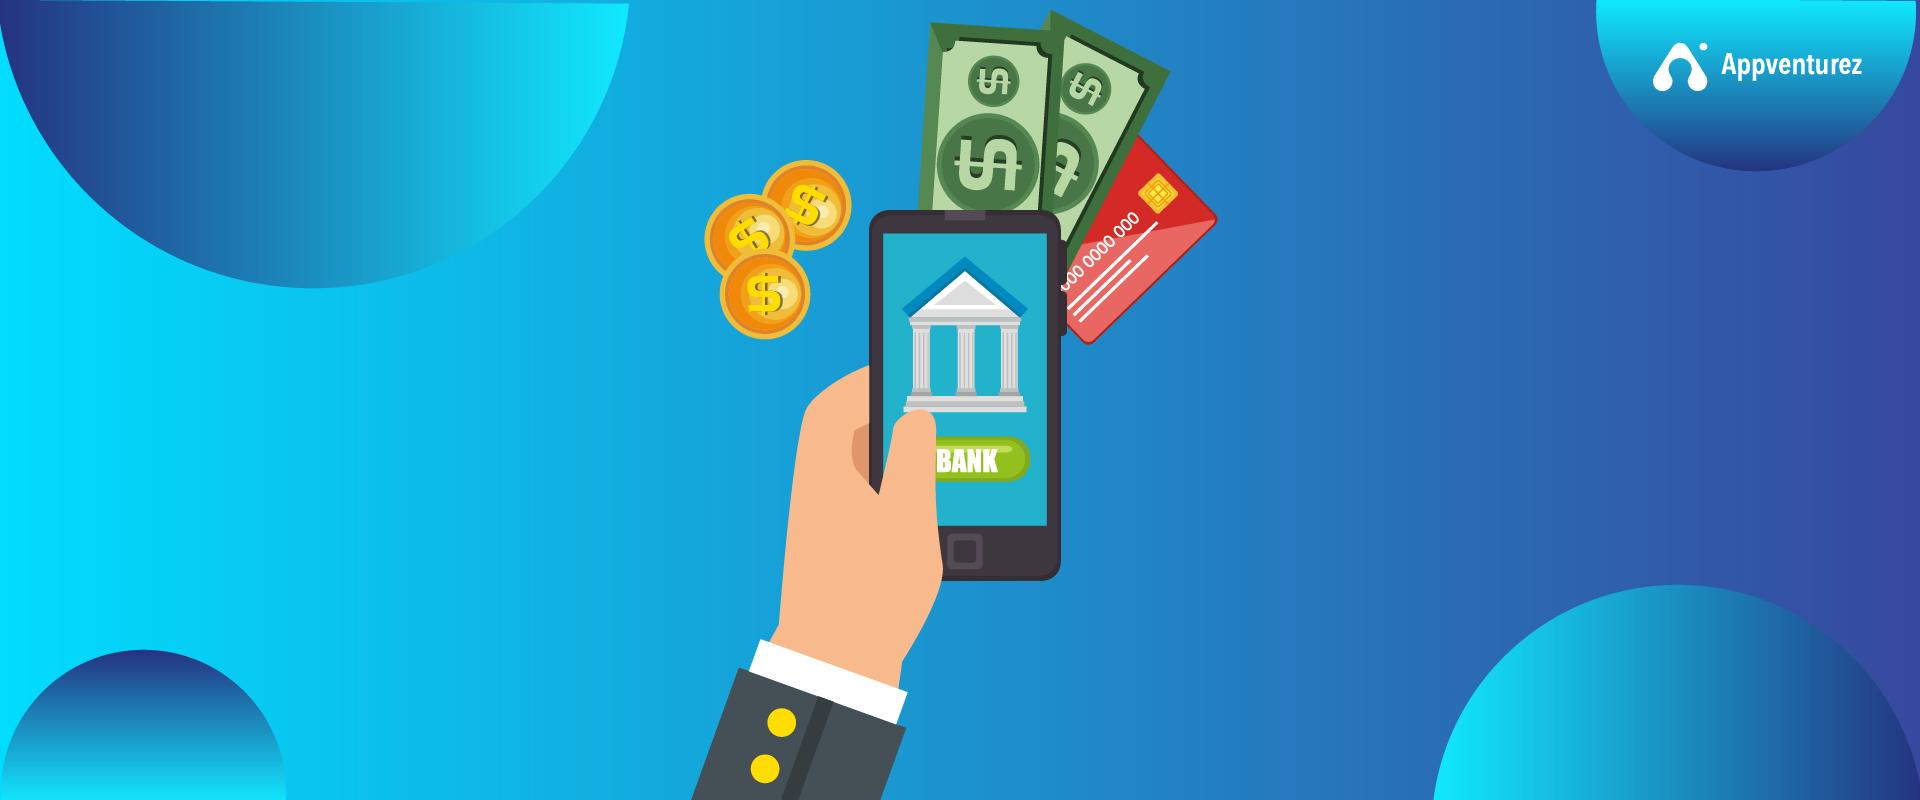 Finance mobile app development solution